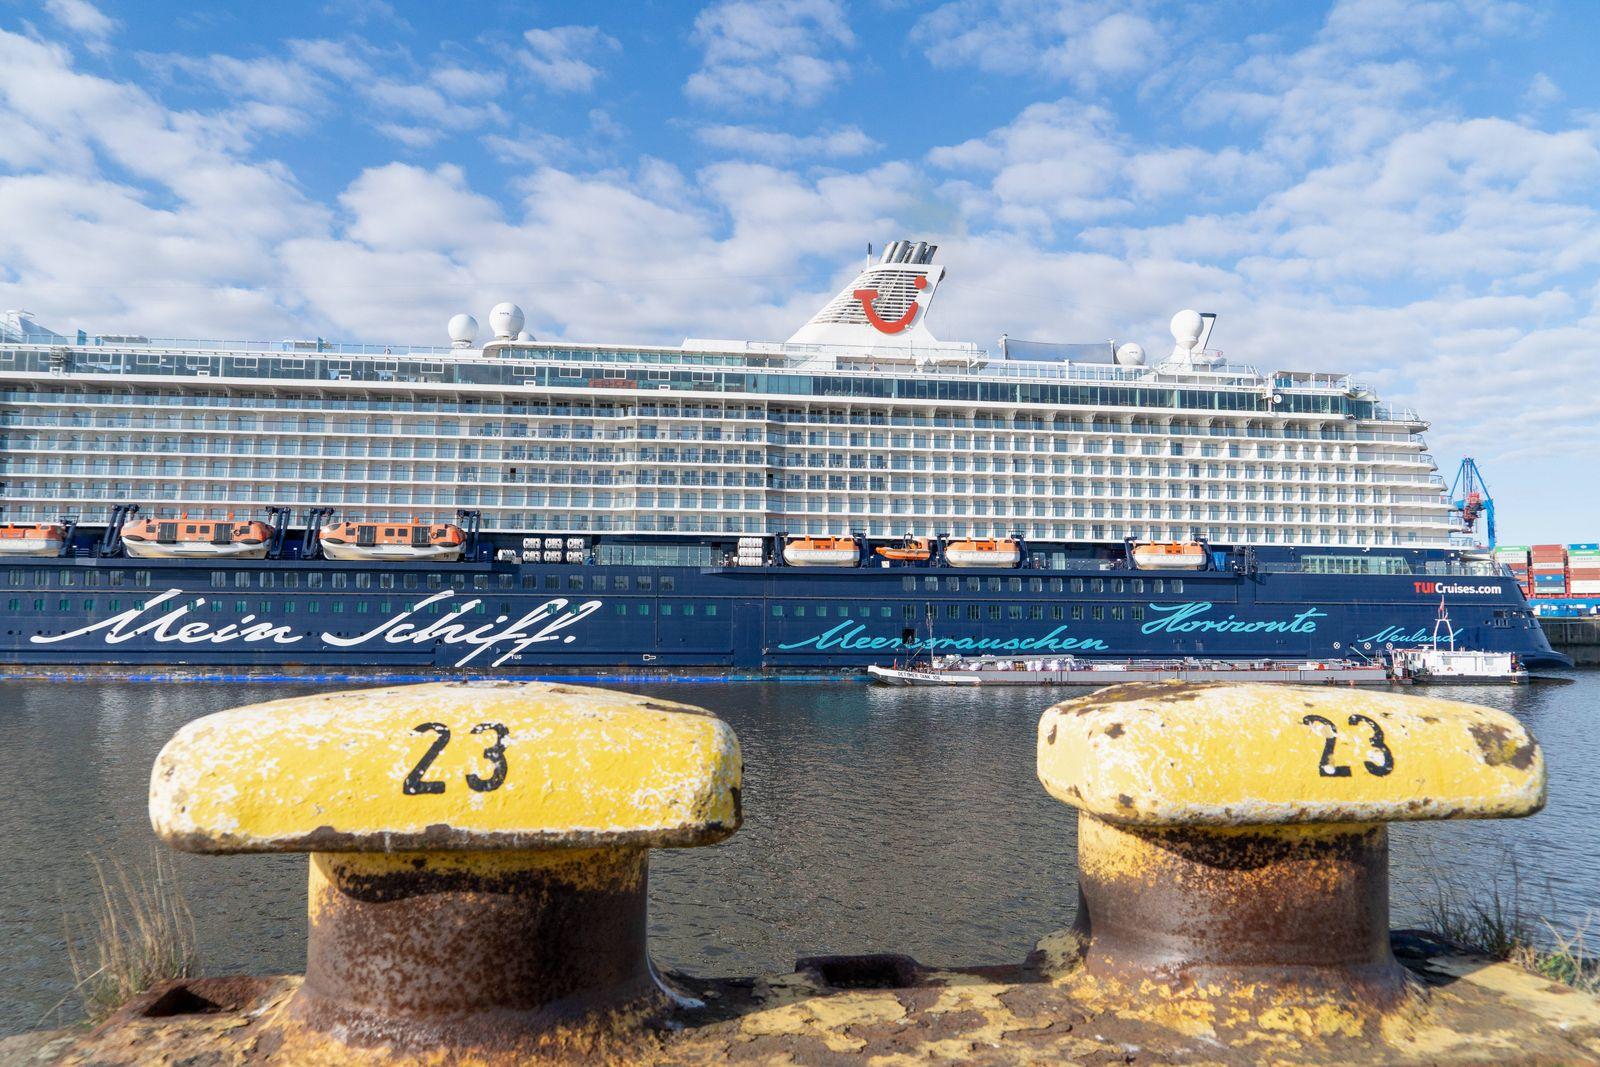 Kreuzfahrtschiff MeinSchiff3 der Reederei TUI Cruises im Hamburger Hafen Fährterminal Steinwerder während des Corona-Lo